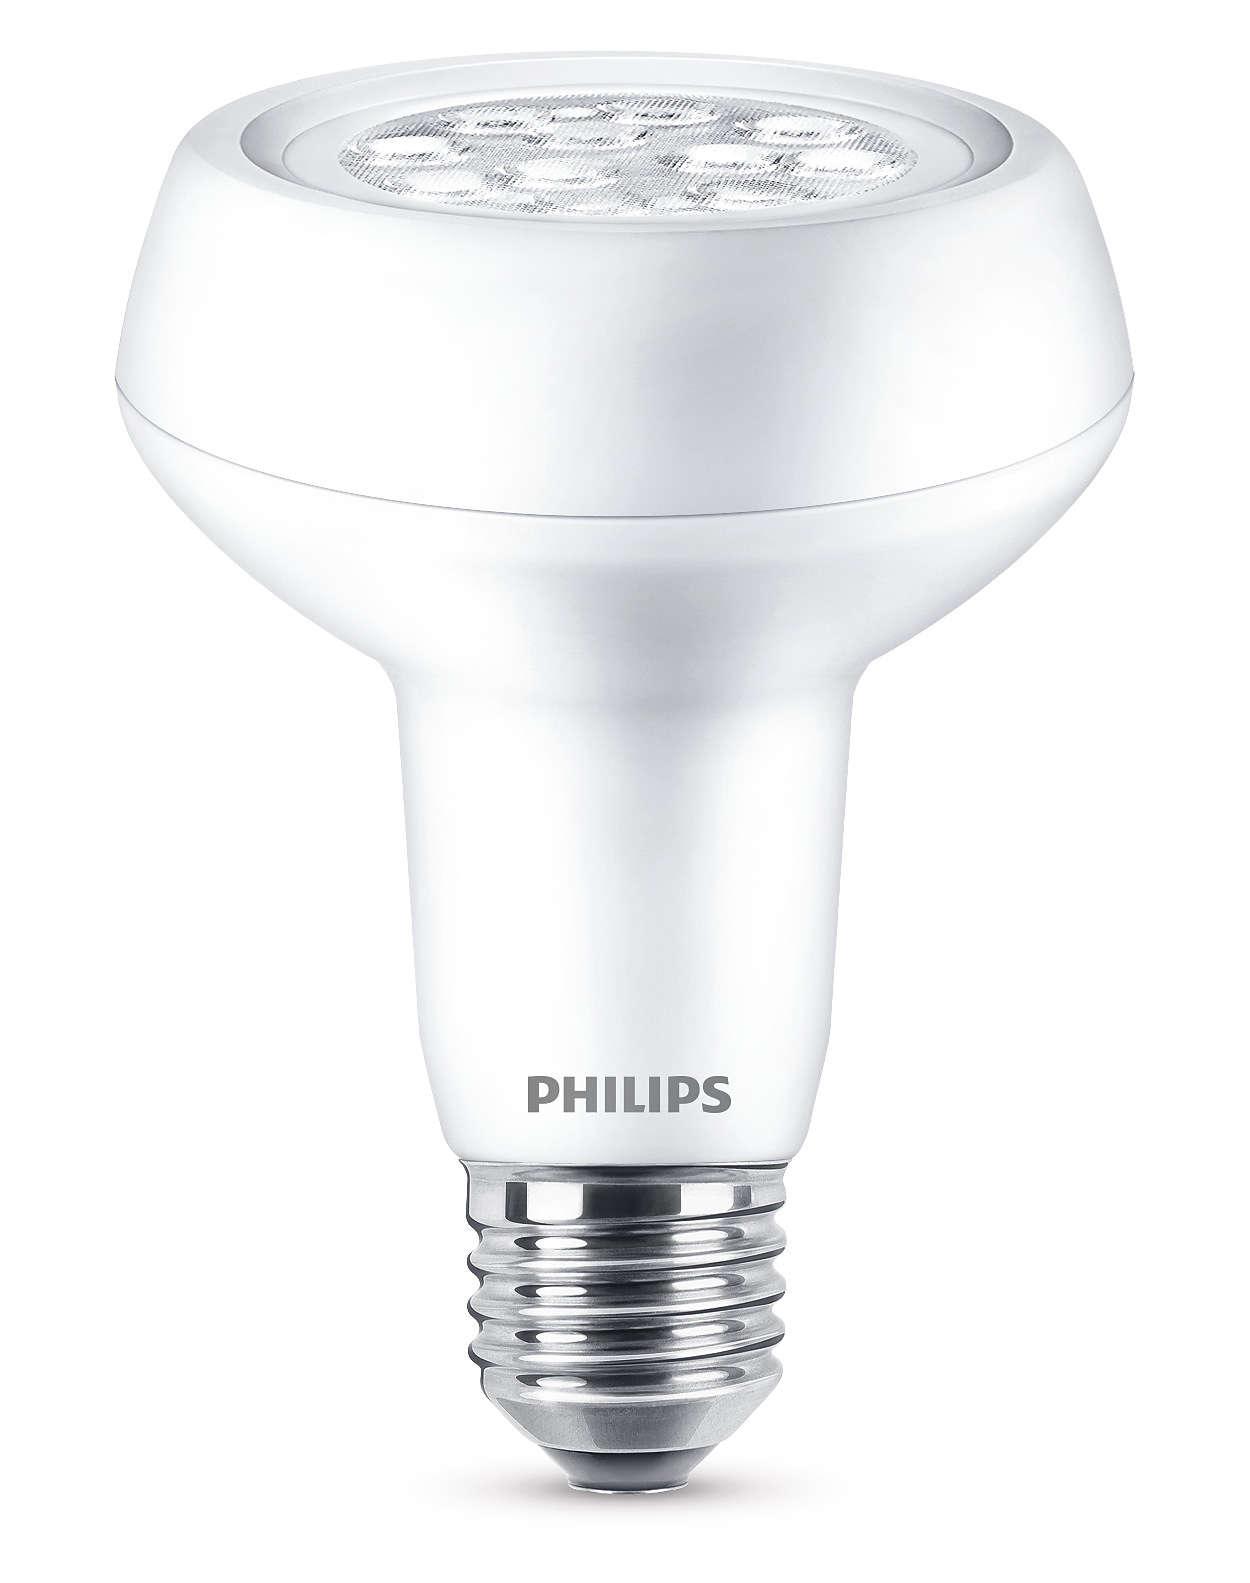 Odolné světlo LED se zaměřeným jasným paprskem